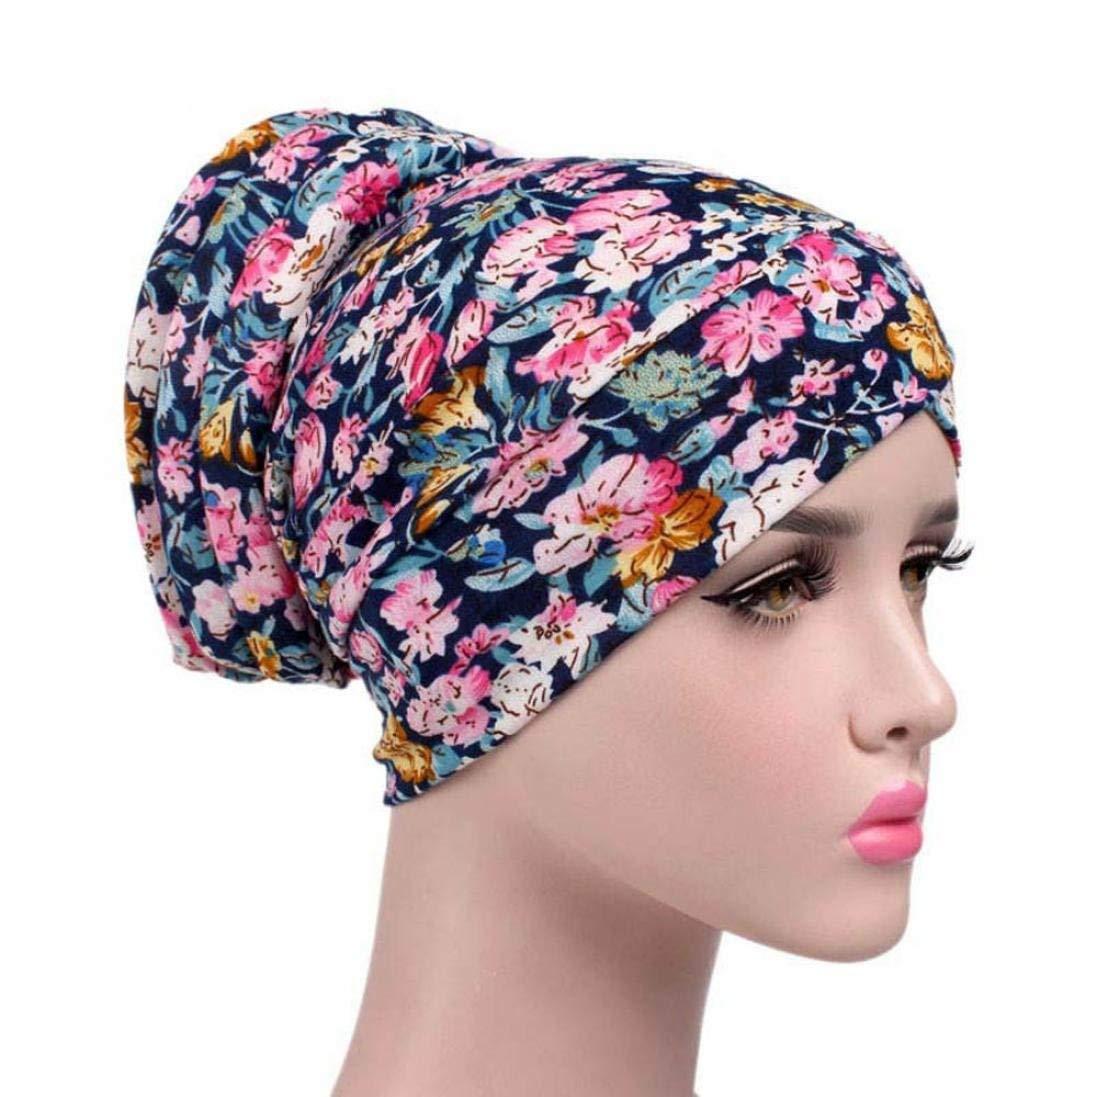 0841eee99 Hunputa Womens Hat Winter Chemo Cap Womens Soft Printed Beanie Sleep ...